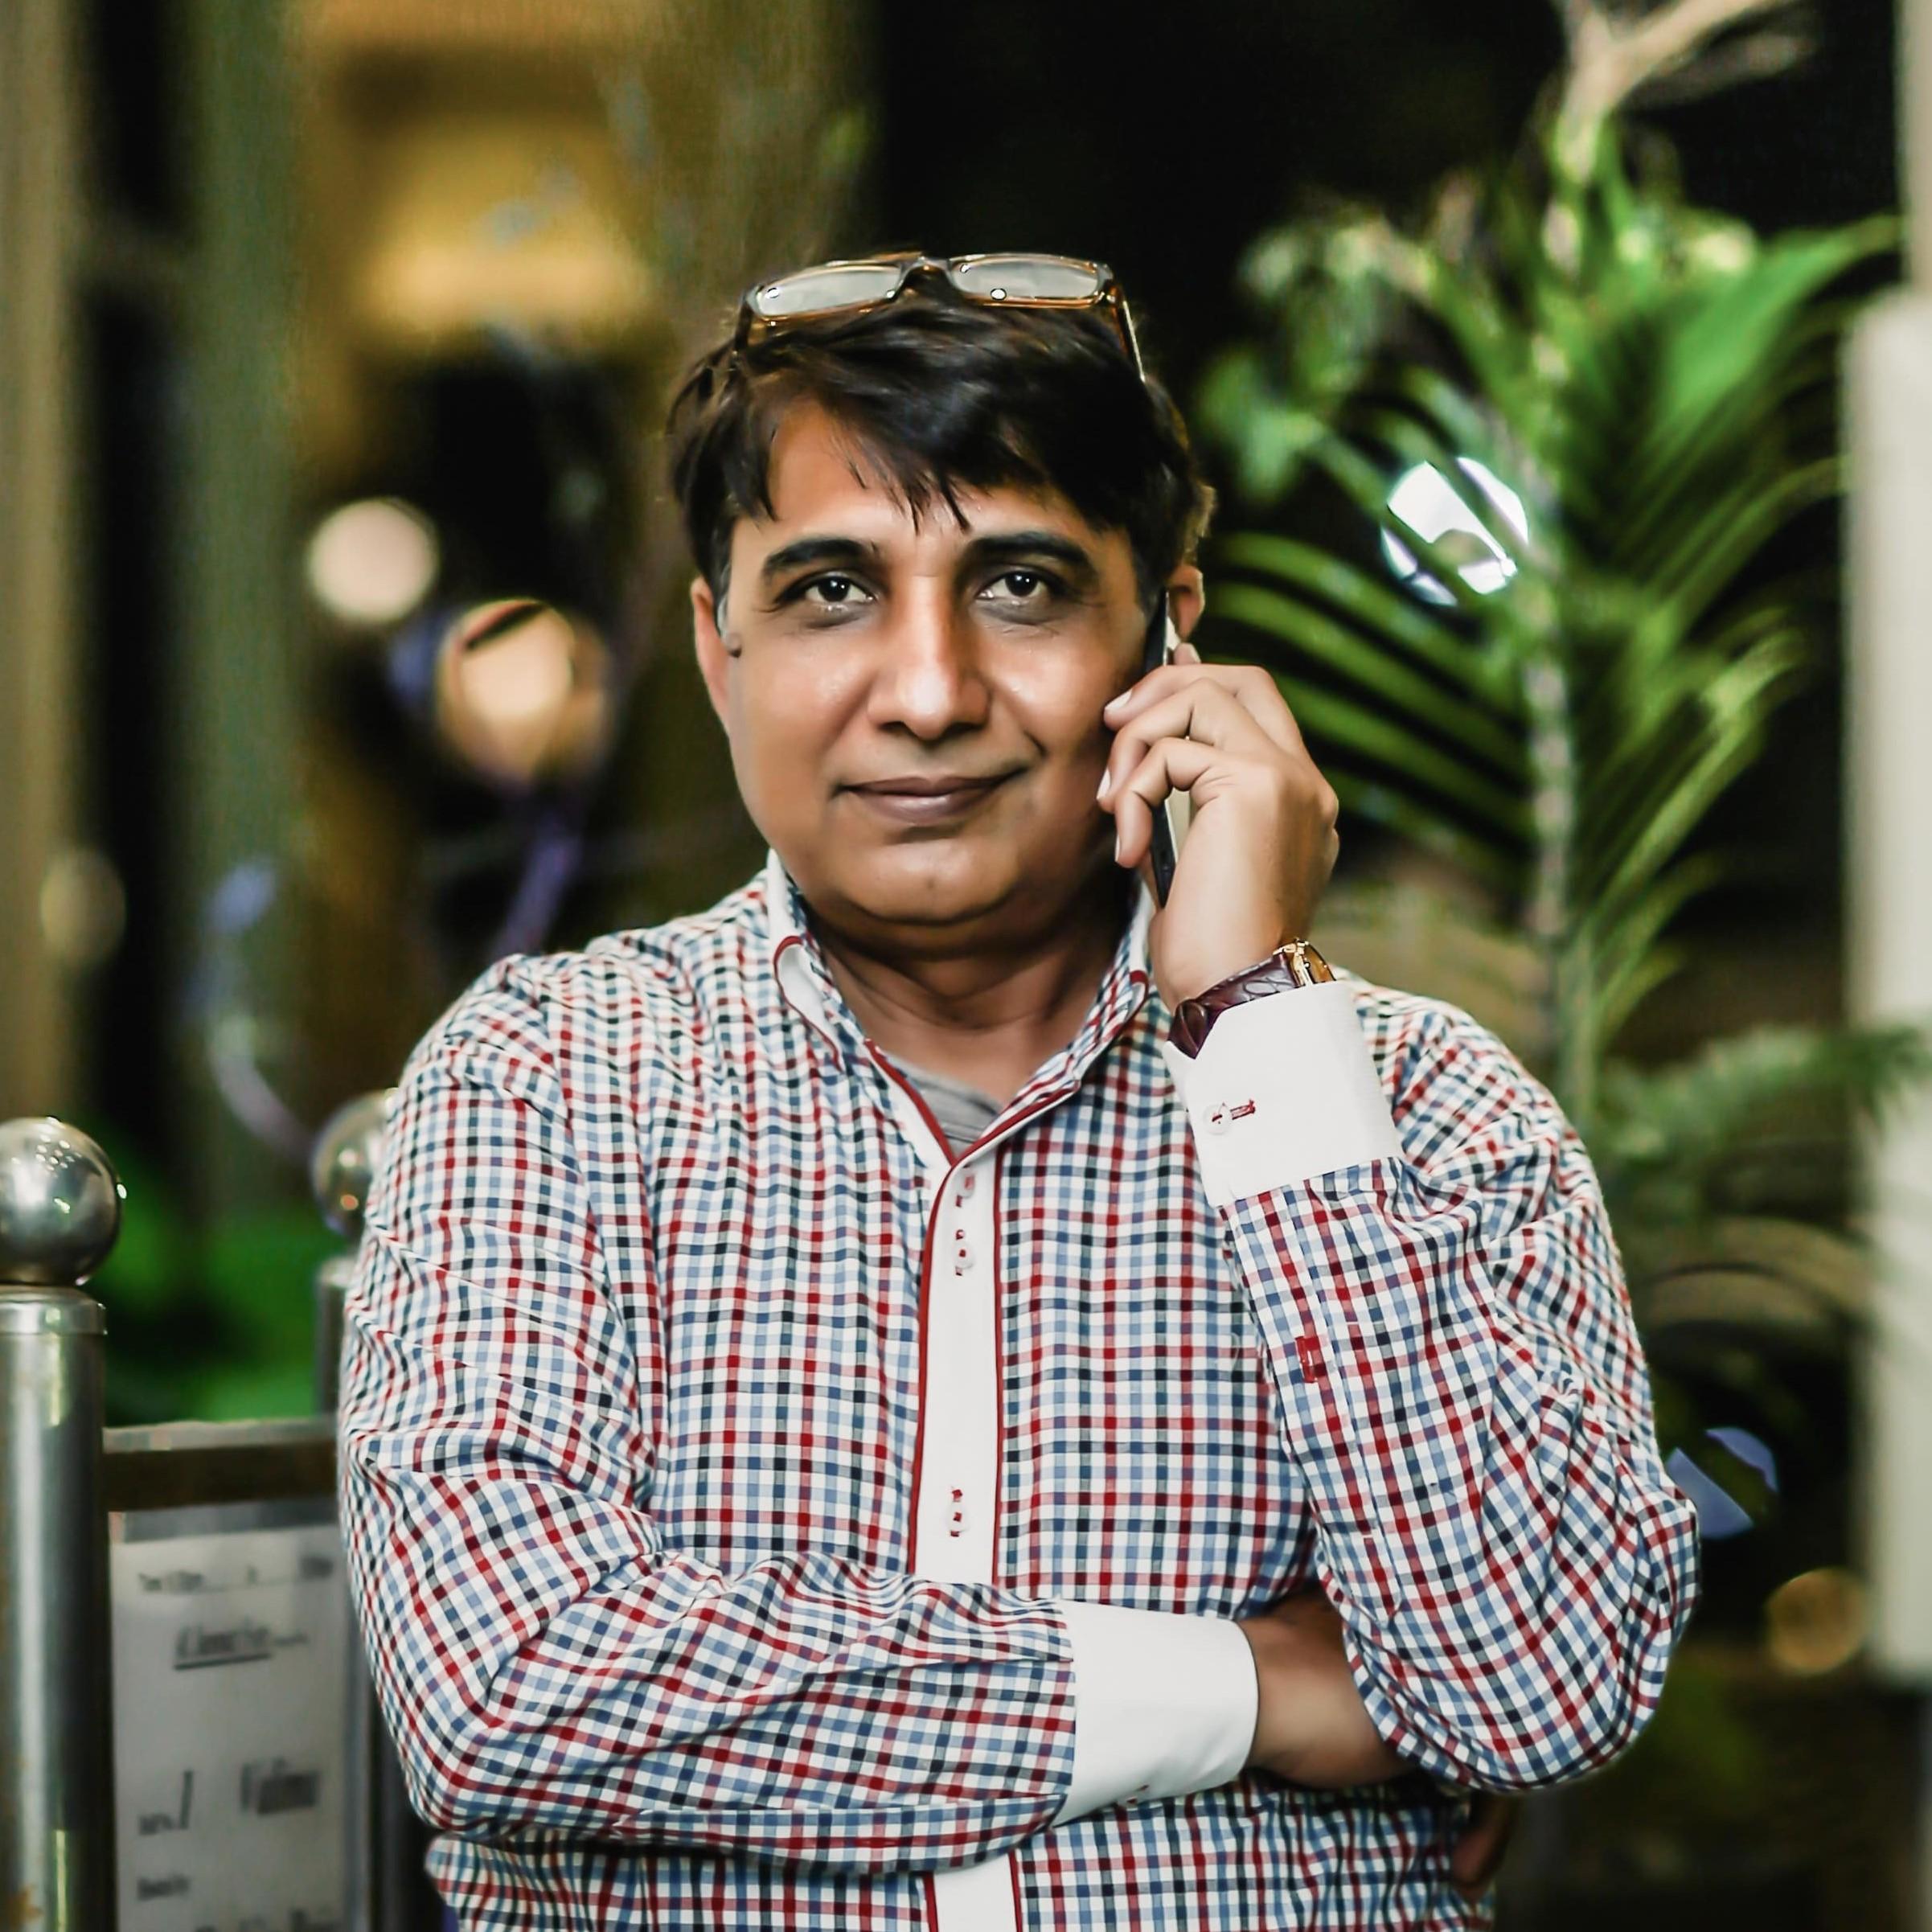 Mr. Kiran Kumar